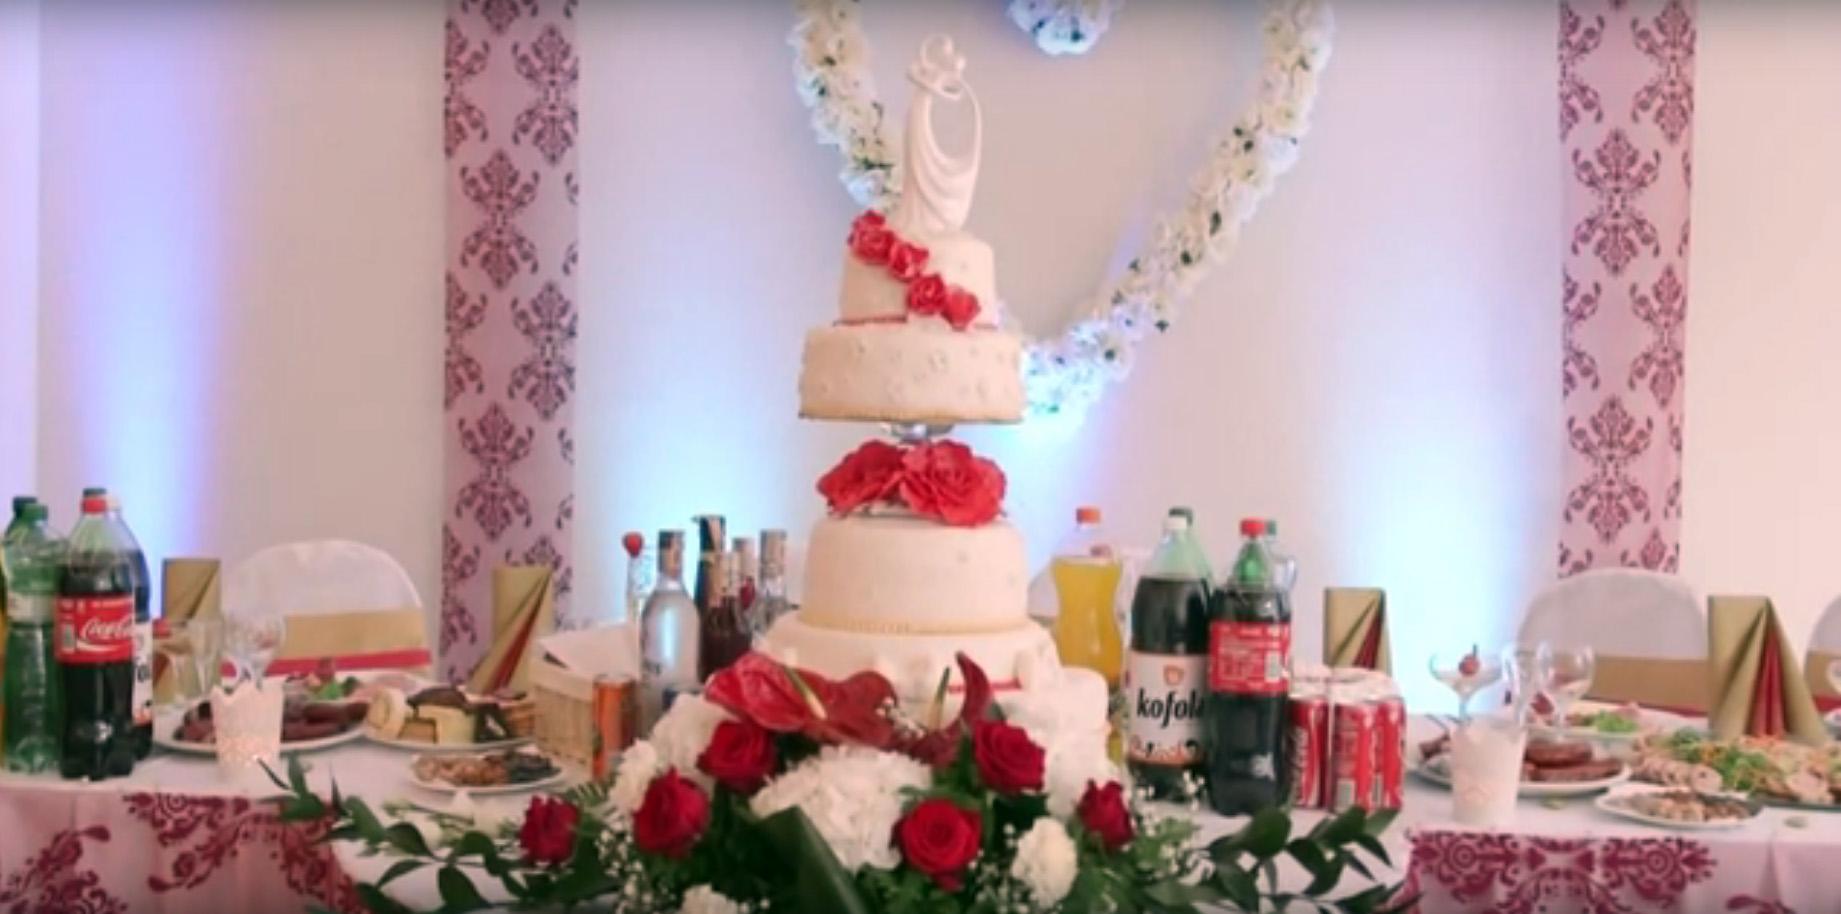 Цыганский свадебный торт в Словении